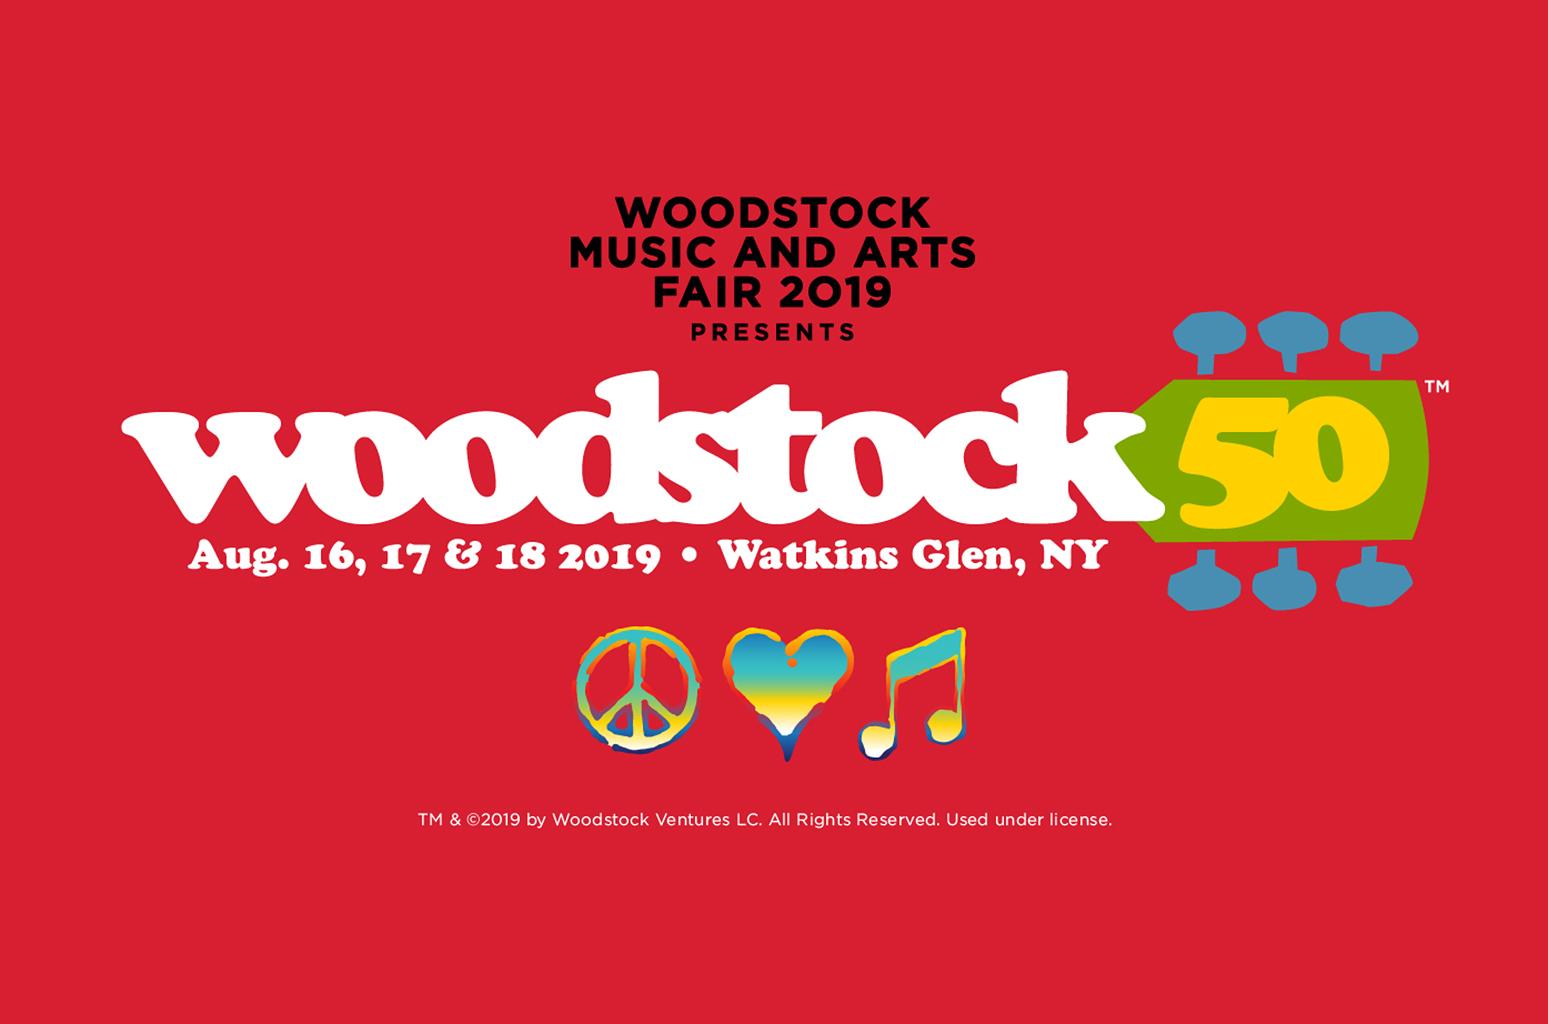 WoodstockCo FounderDefendsHavingHipHopArtistsatthAnniversary